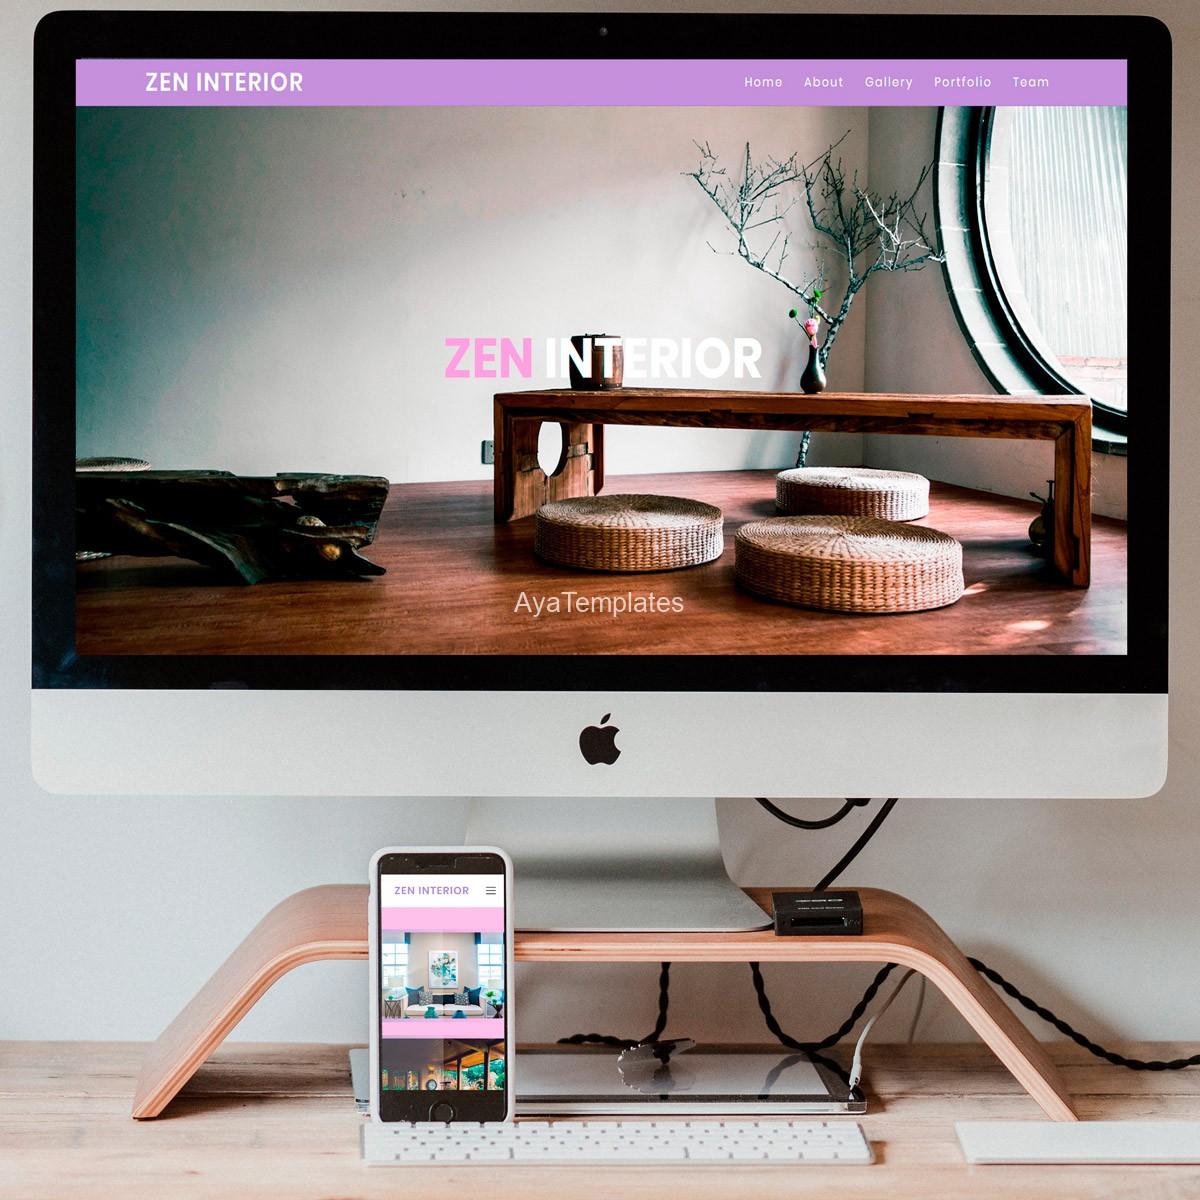 Zen-interior-responsiveness-mockup-ayatemplates